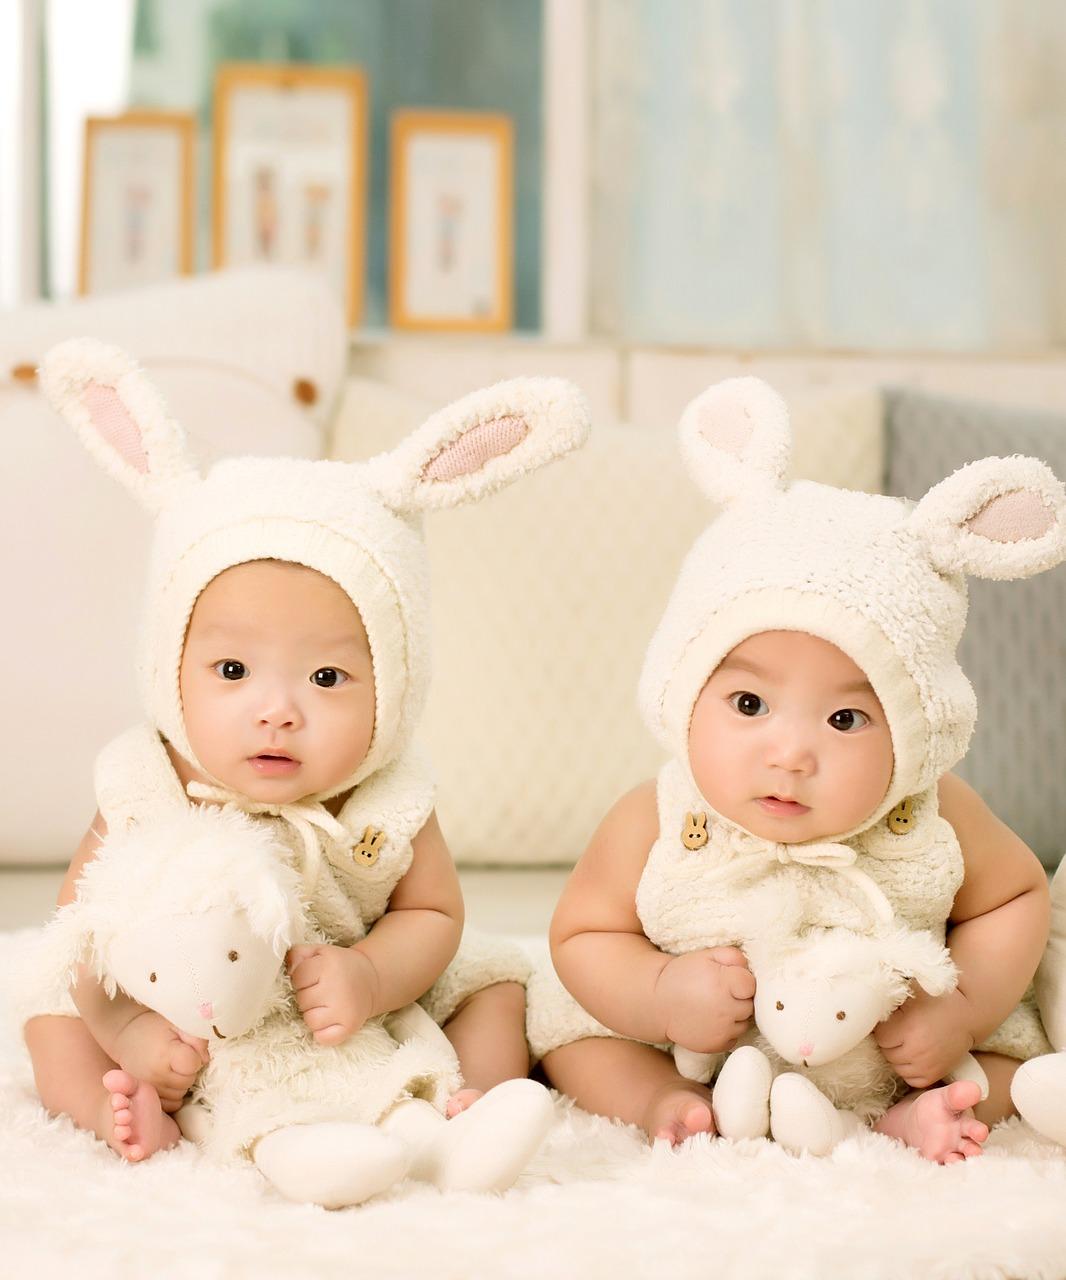 O kompletowaniu wyprawki dla noworodka